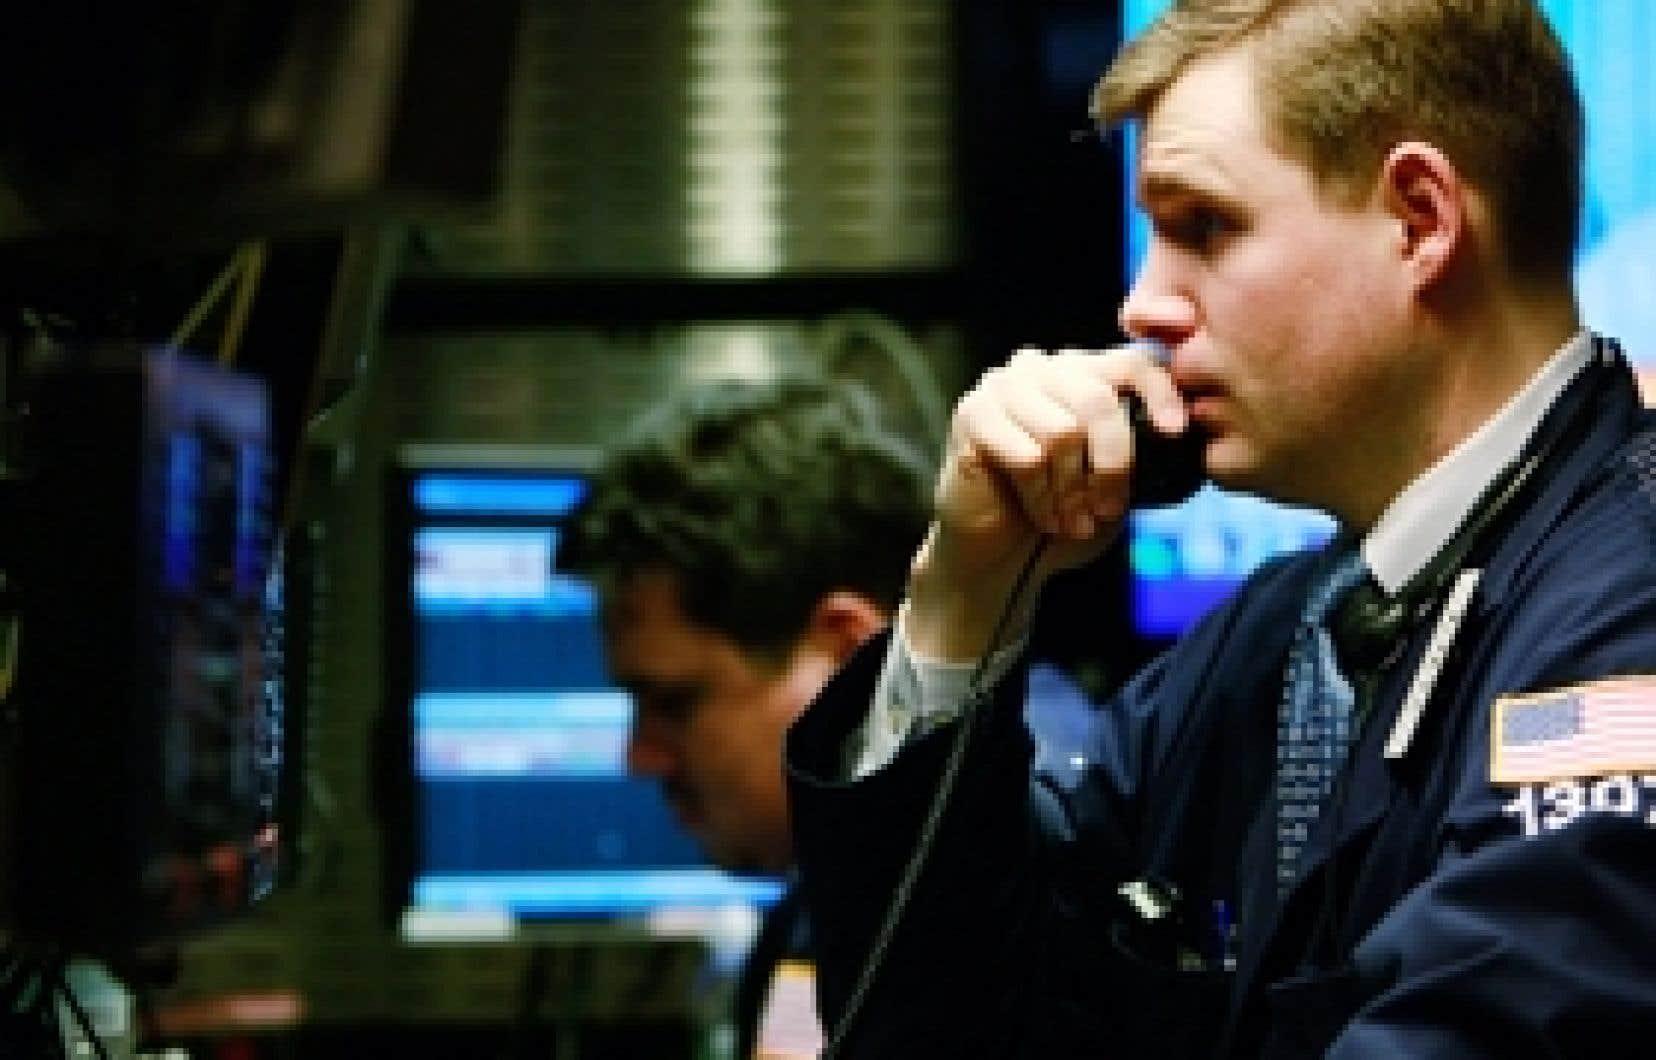 Un courtier de la Bourse de New York quelques instants avant que la Fed annonce que son taux directeur reste inchangé.